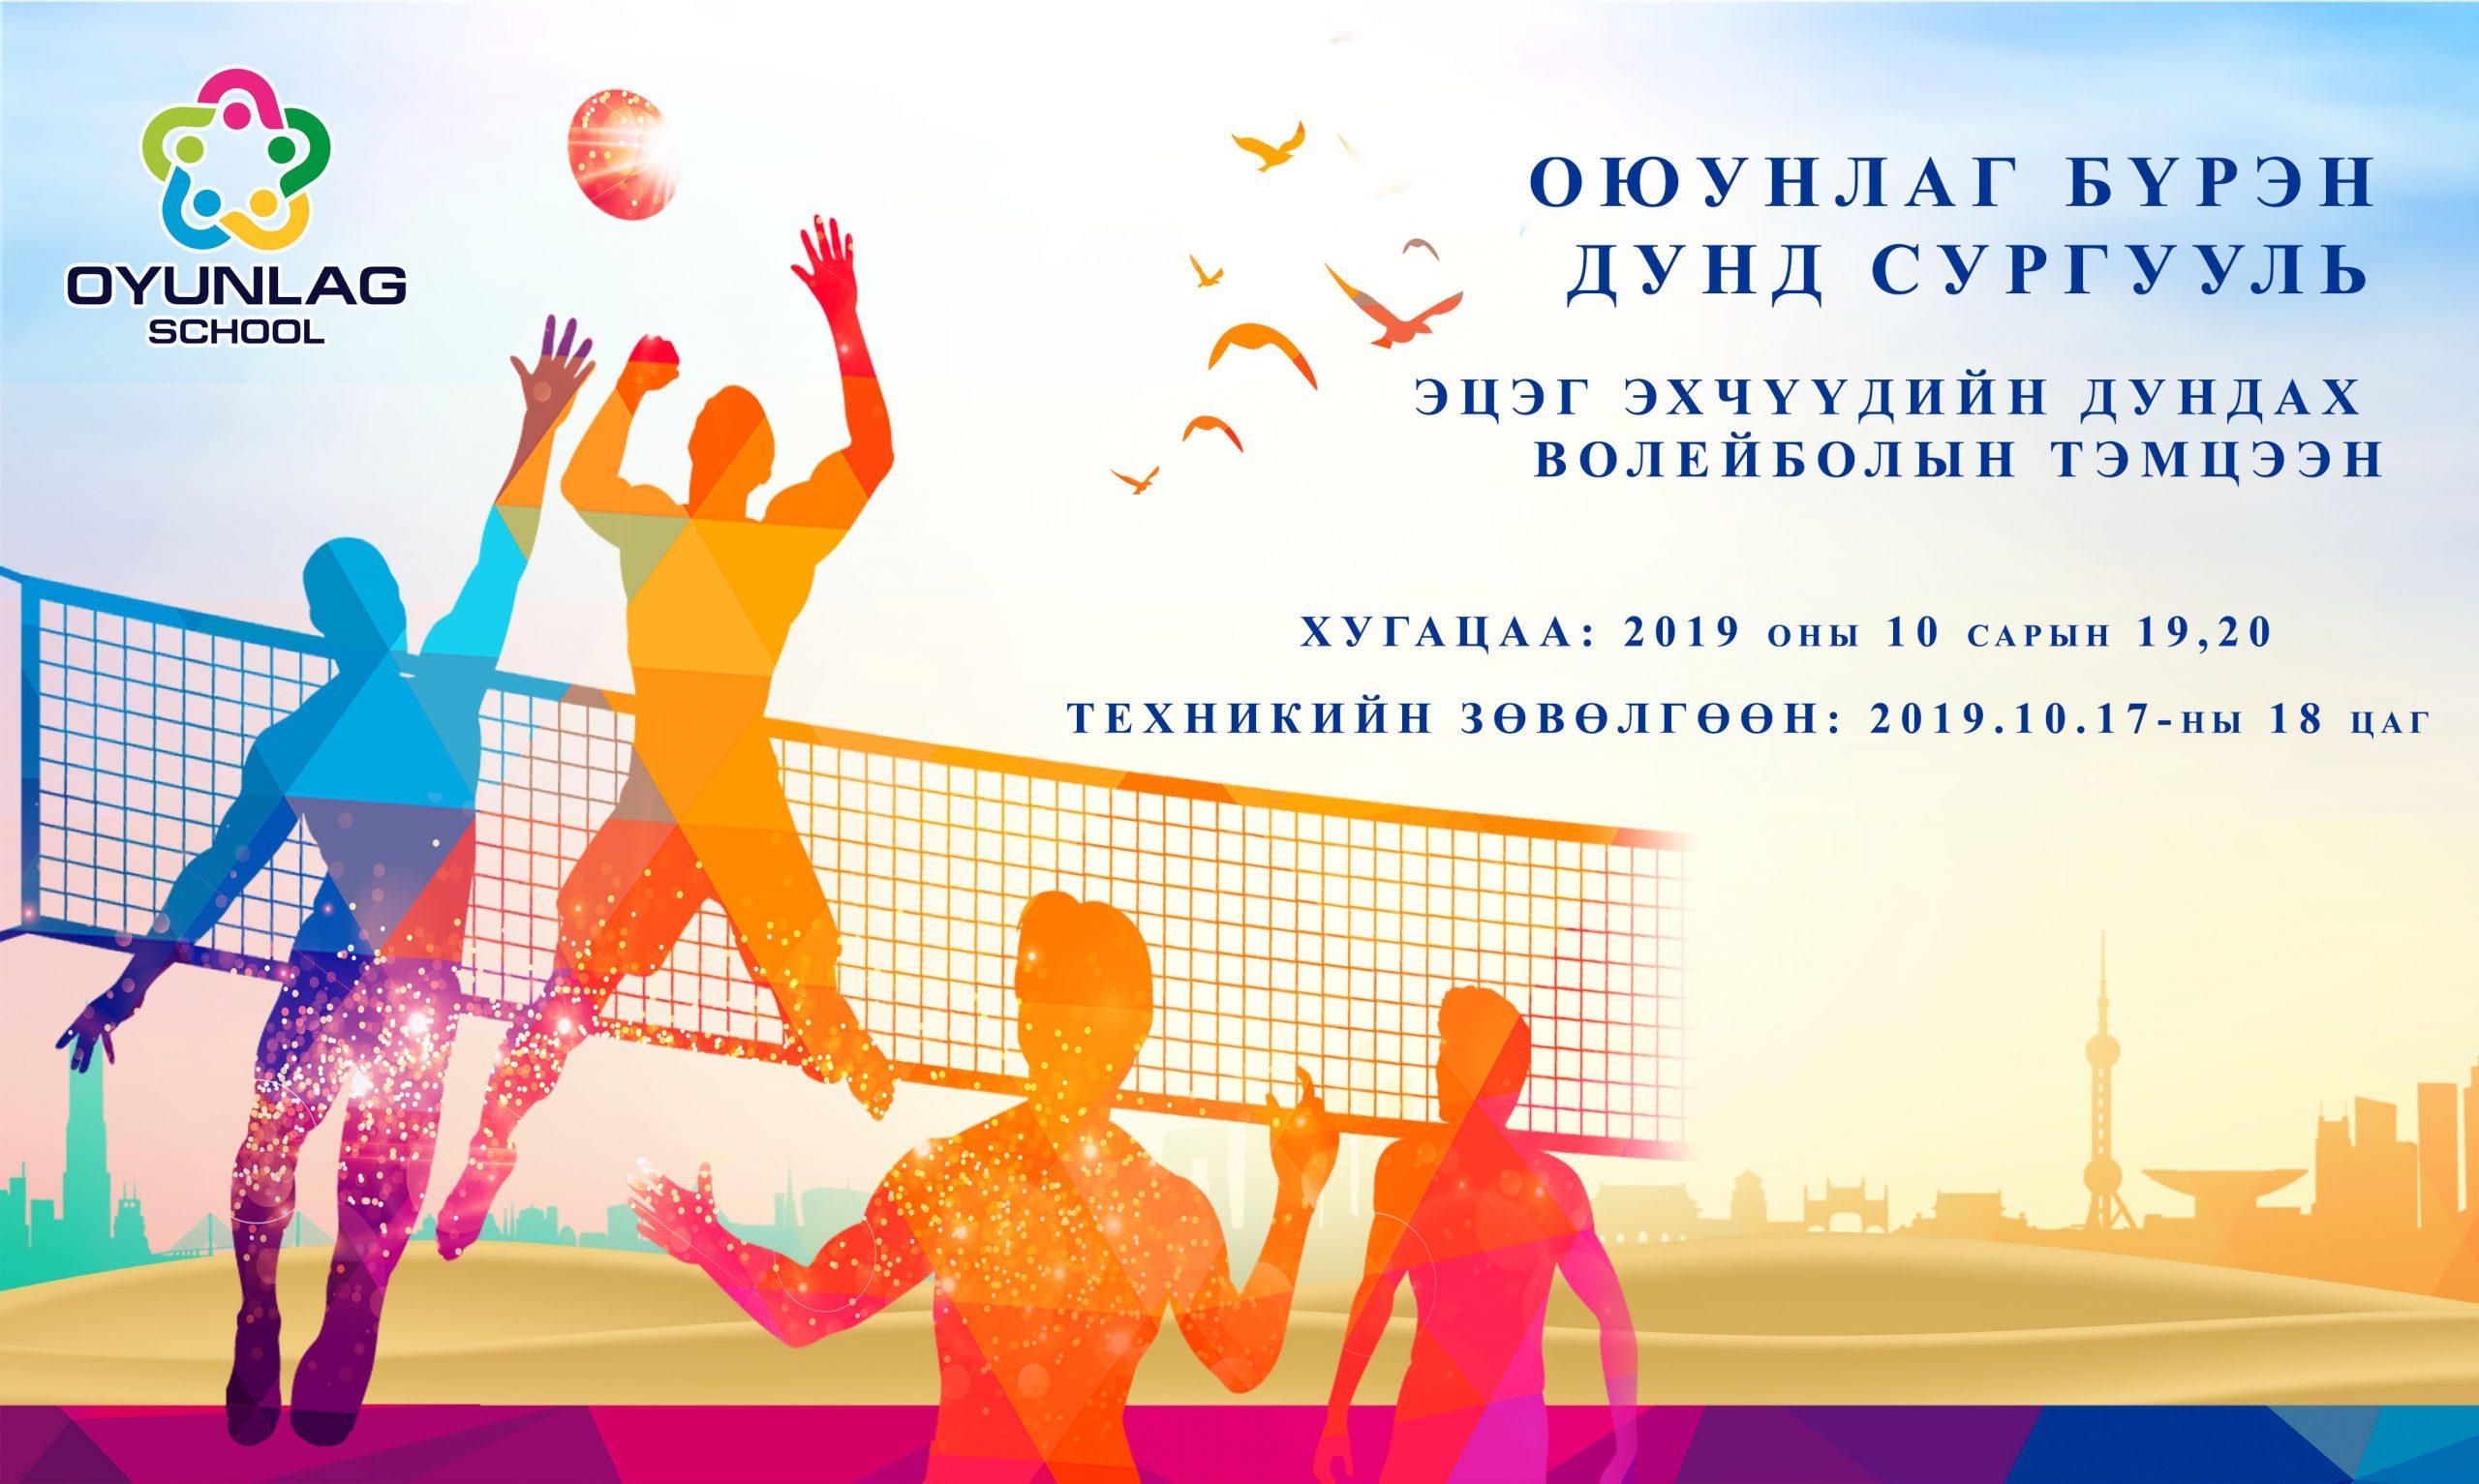 Эцэг эхчүүдийн волейболын тэмцээний удирдамж